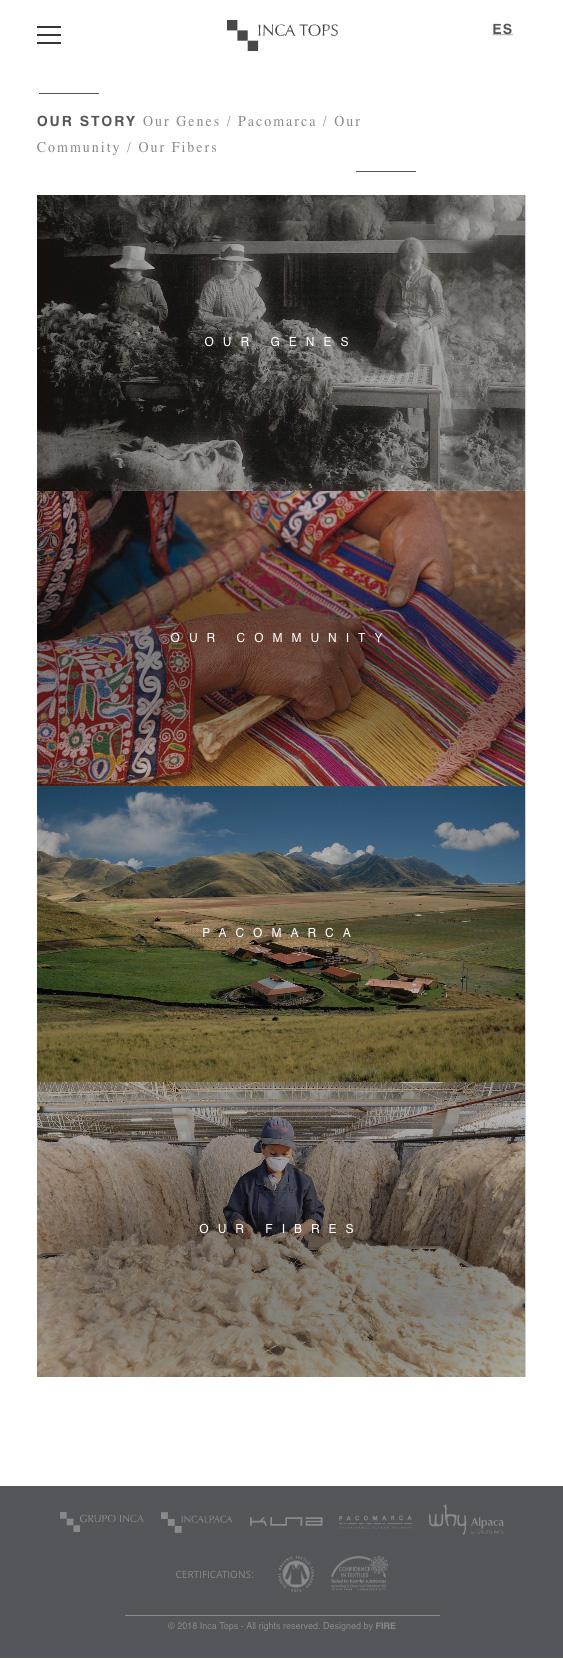 Inca Tops website - Home